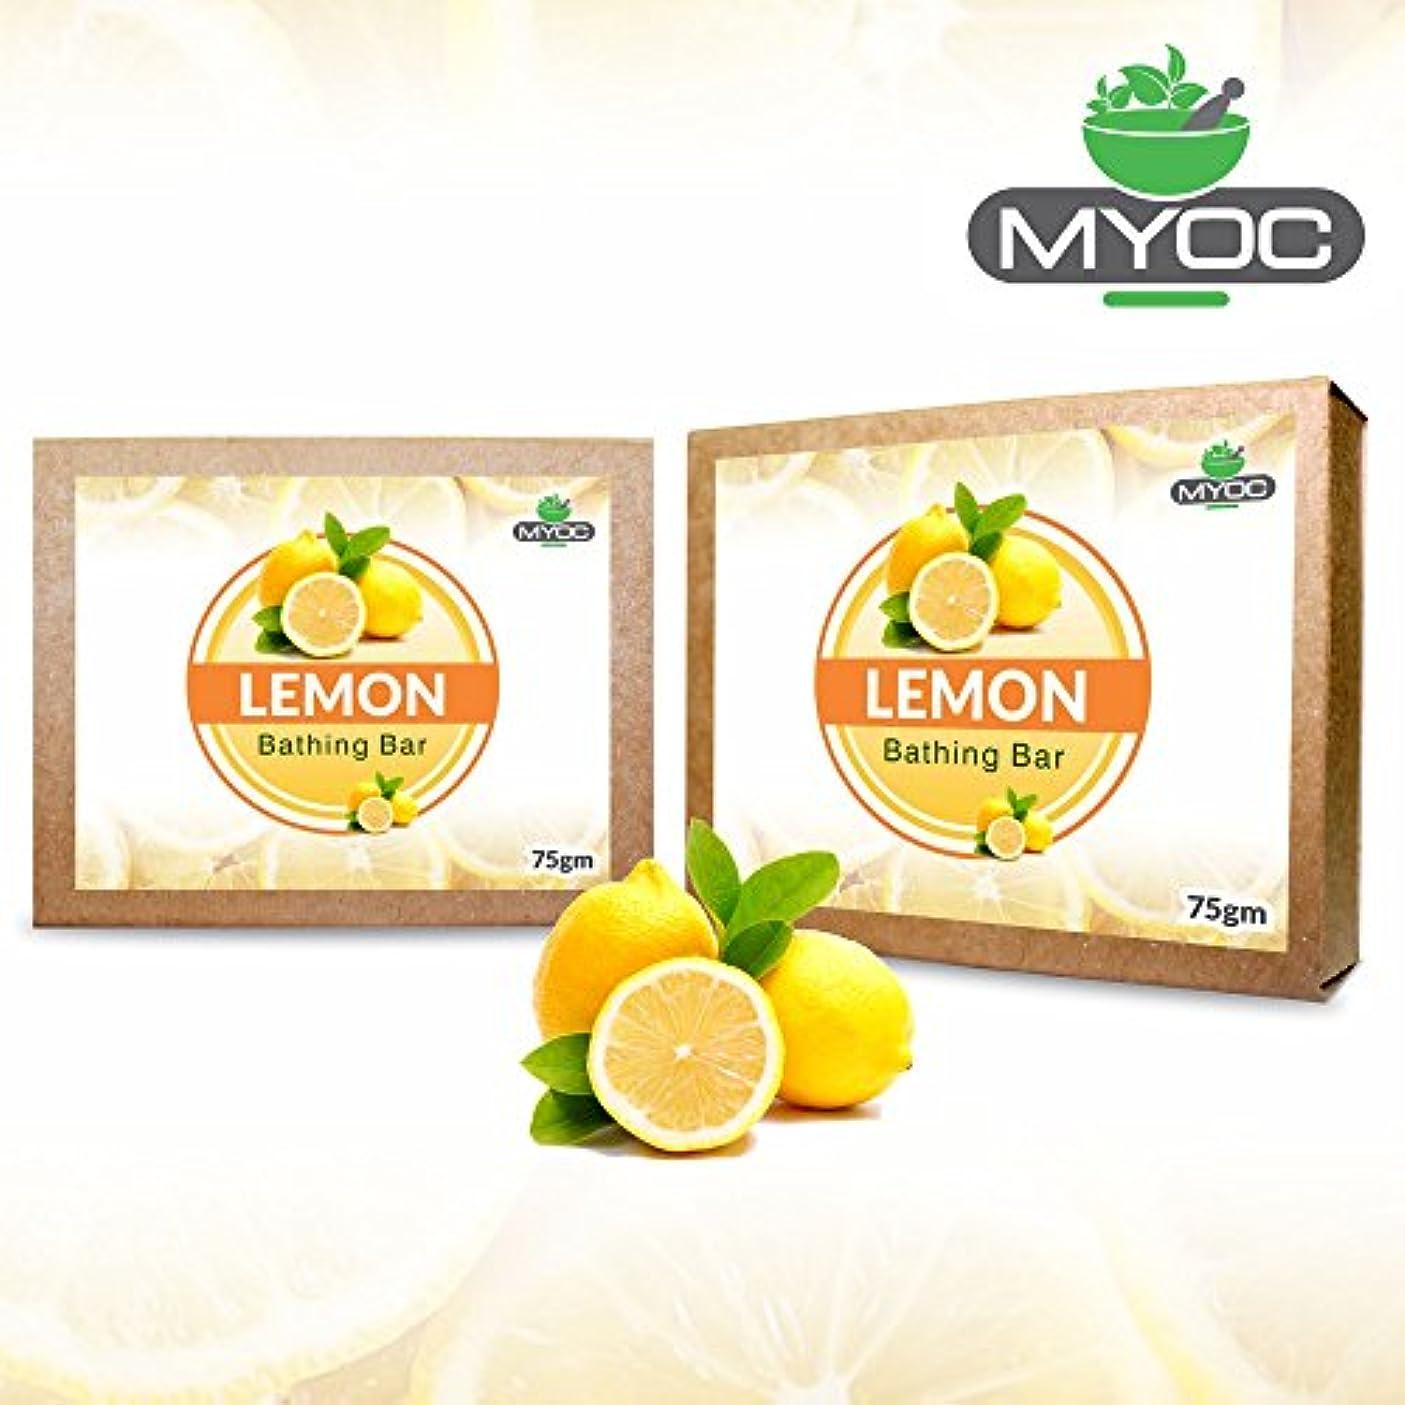 農業絶えず止まるLemon Oil And Vitamin E Astringent Soap, deodorant, antiseptic soap for clogged pores and acne prone skin 75g...